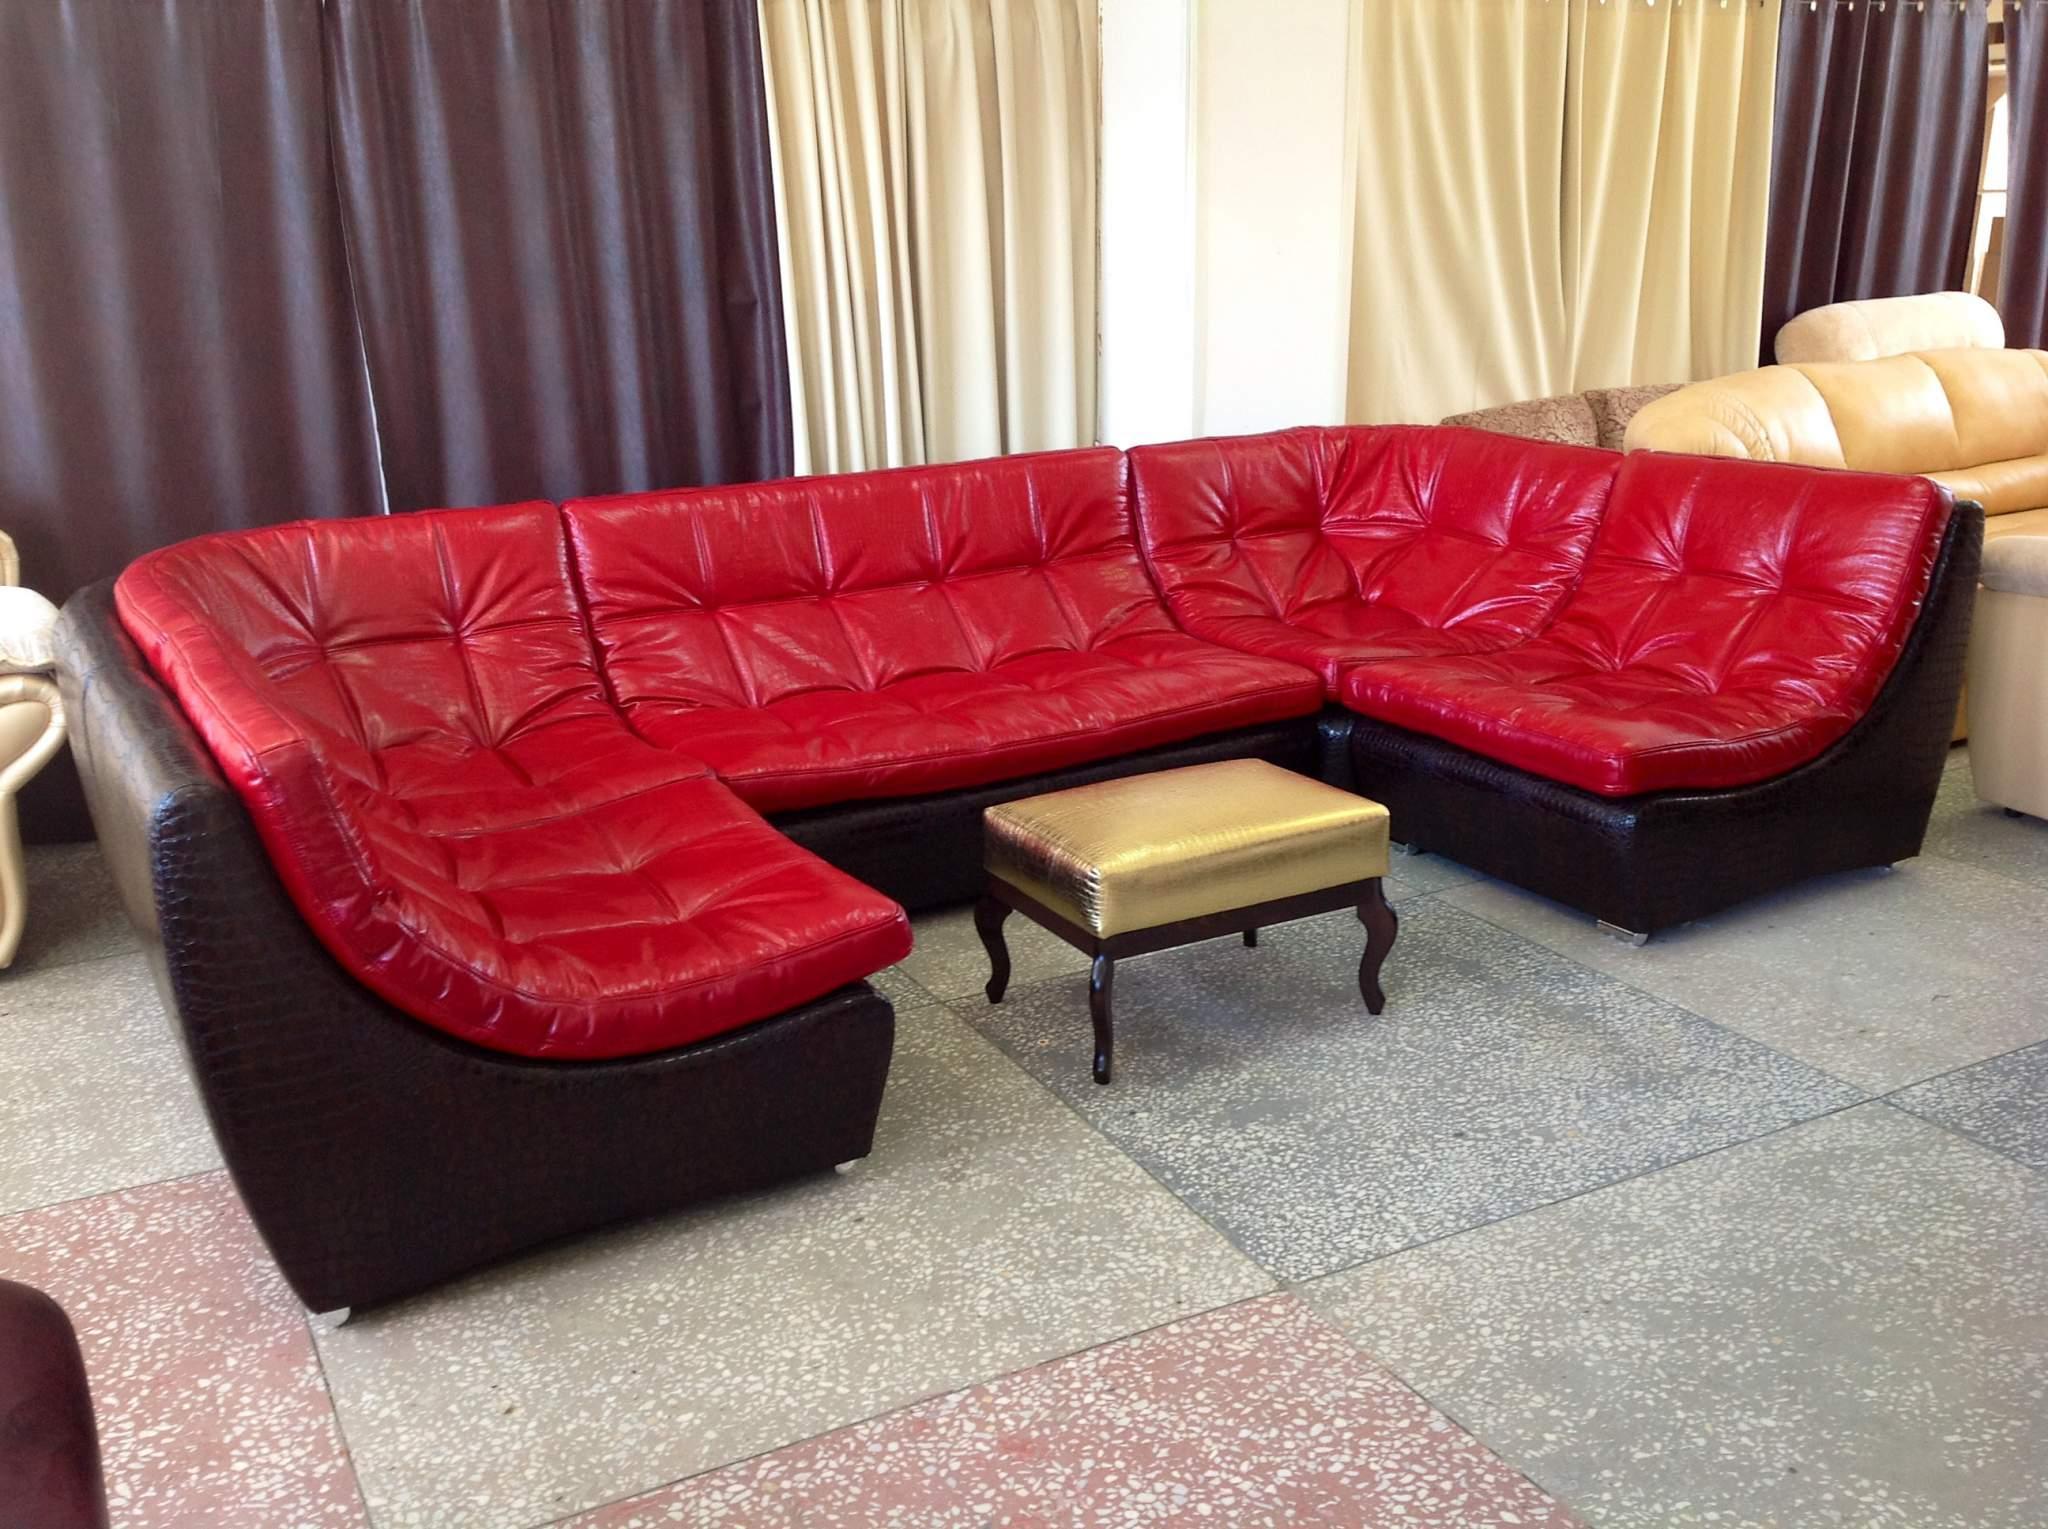 Купить диван скидки Москва